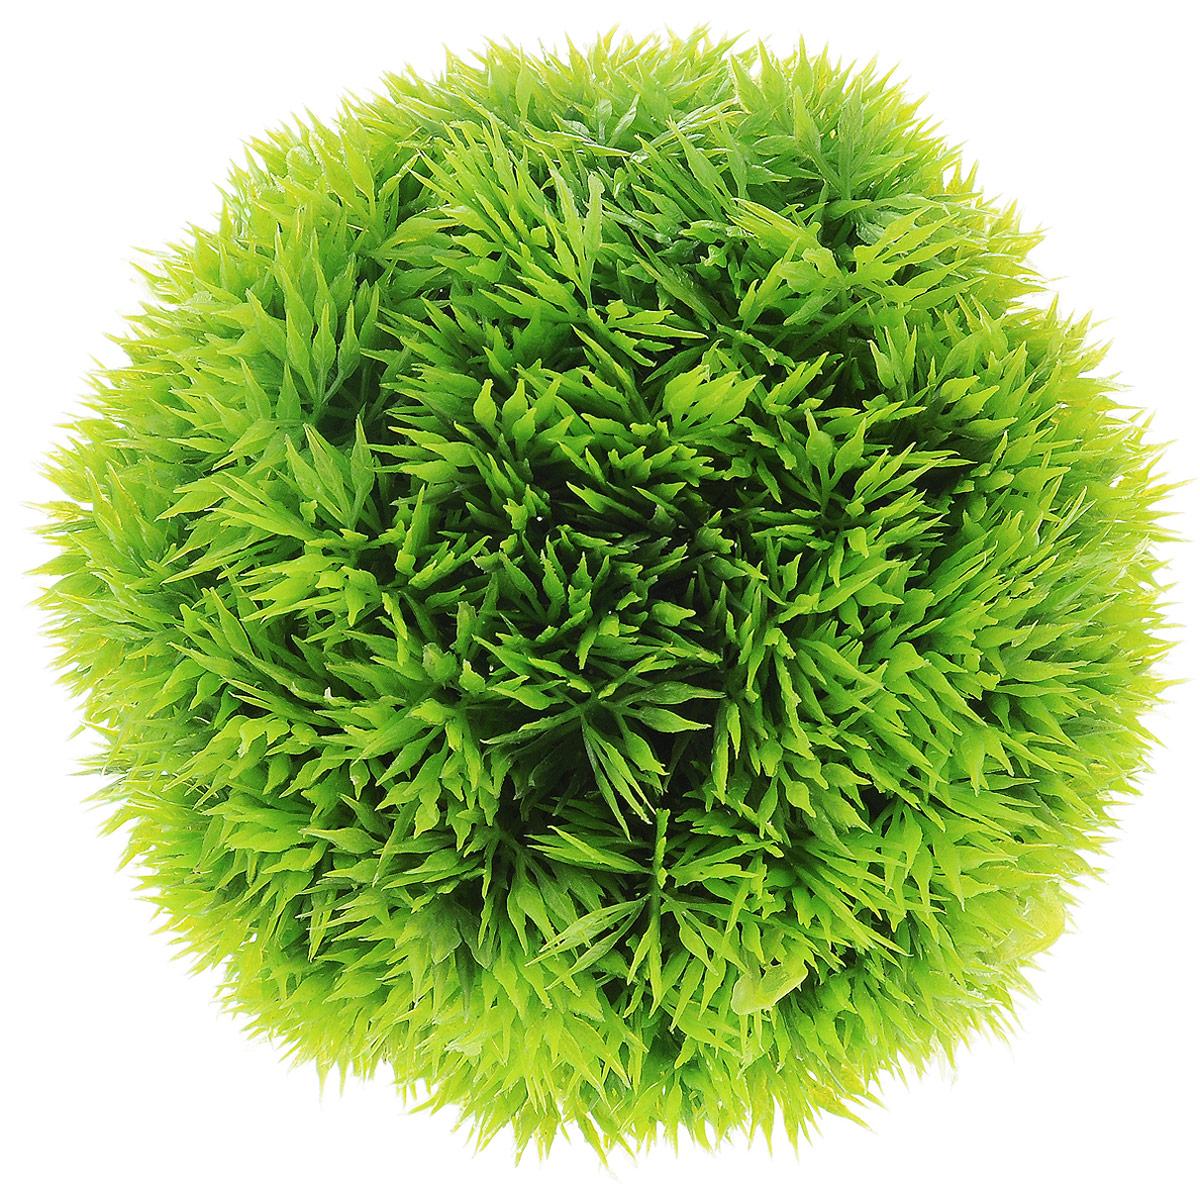 Растение для аквариума Barbus Шар, пластиковое, диаметр 12 смPlant 061Растение для аквариума Barbus Шар, выполненное из высококачественного нетоксичного пластика, является идеальным укрытием для мальков и станет прекрасным украшением вашего аквариума. Пластиковое растение идеально подходит для дизайна всех видов аквариумов. В воде происходит абсолютная имитация живых растений. Изделие не требует дополнительного ухода и просто в применении. Растение абсолютно безопасно, нейтрально к водному балансу, устойчиво к истиранию краски, подходит как для пресноводного, так и для морского аквариума. Растение для аквариума Barbus Шар поможет вам смоделировать потрясающий пейзаж на дне вашего аквариума или террариума.